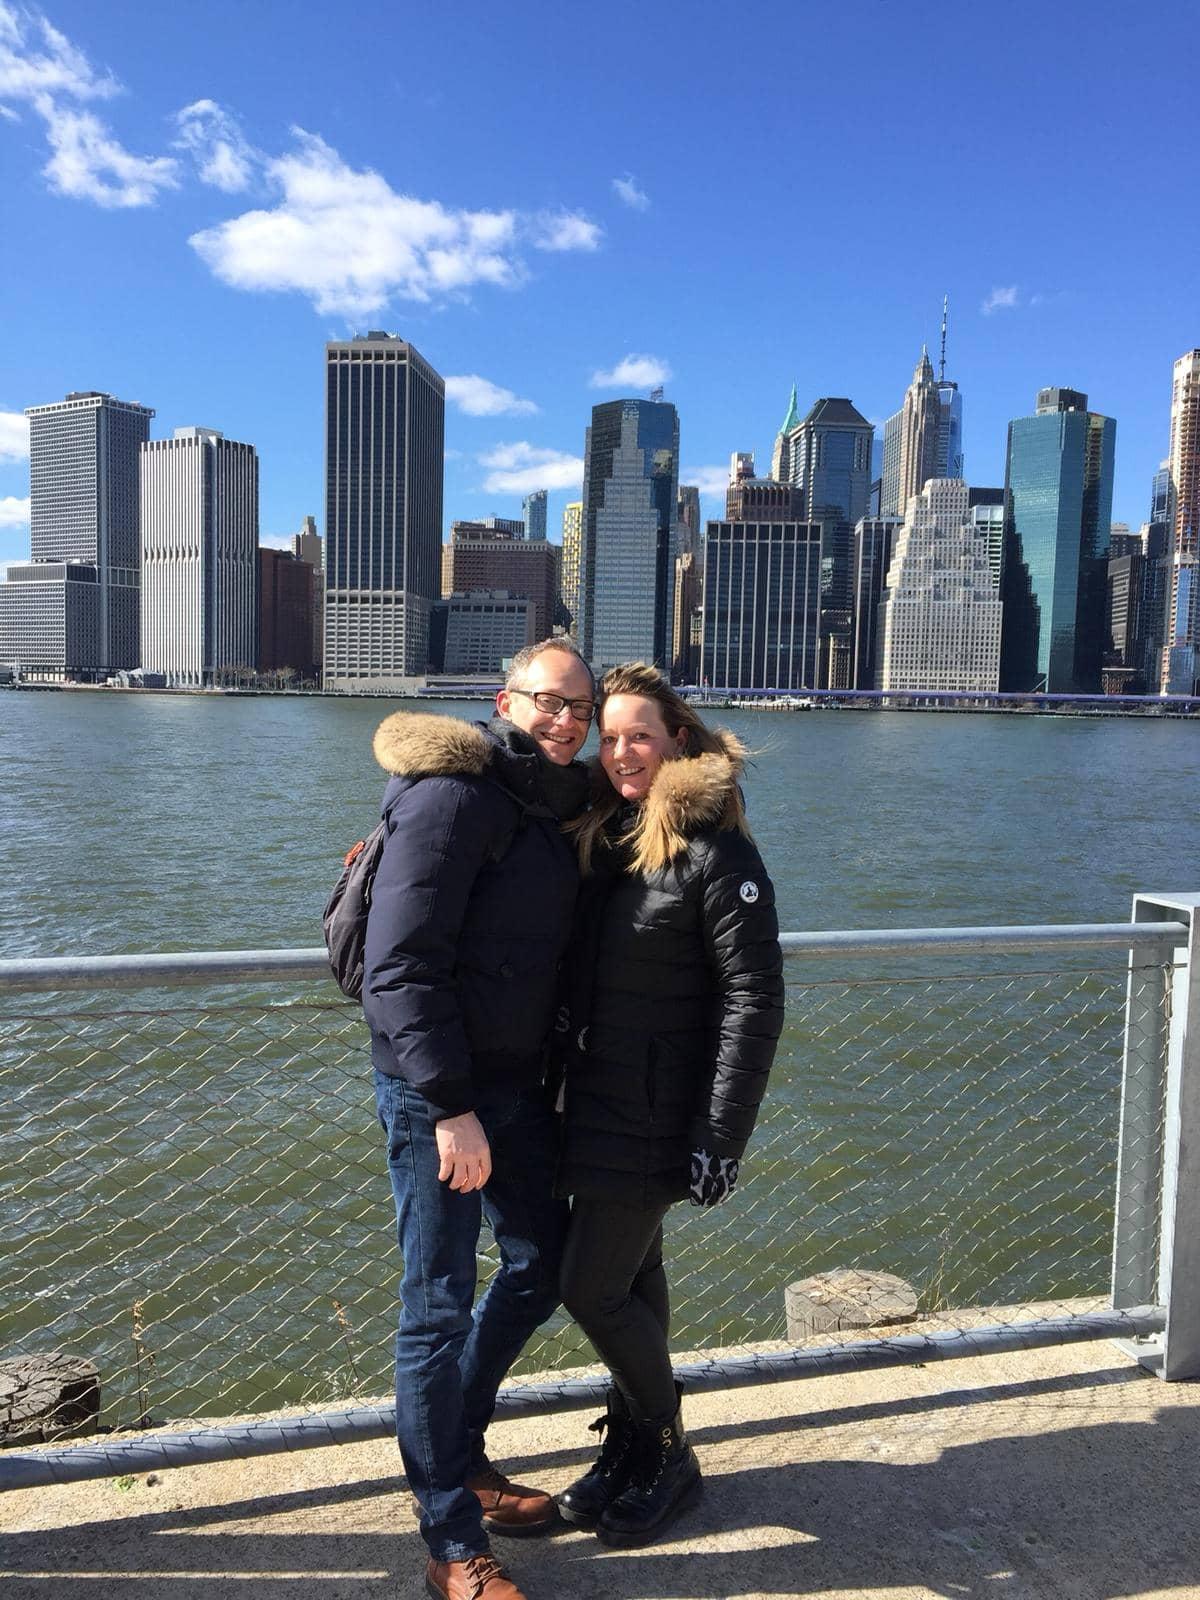 Vind en rejse til New York - Skyline